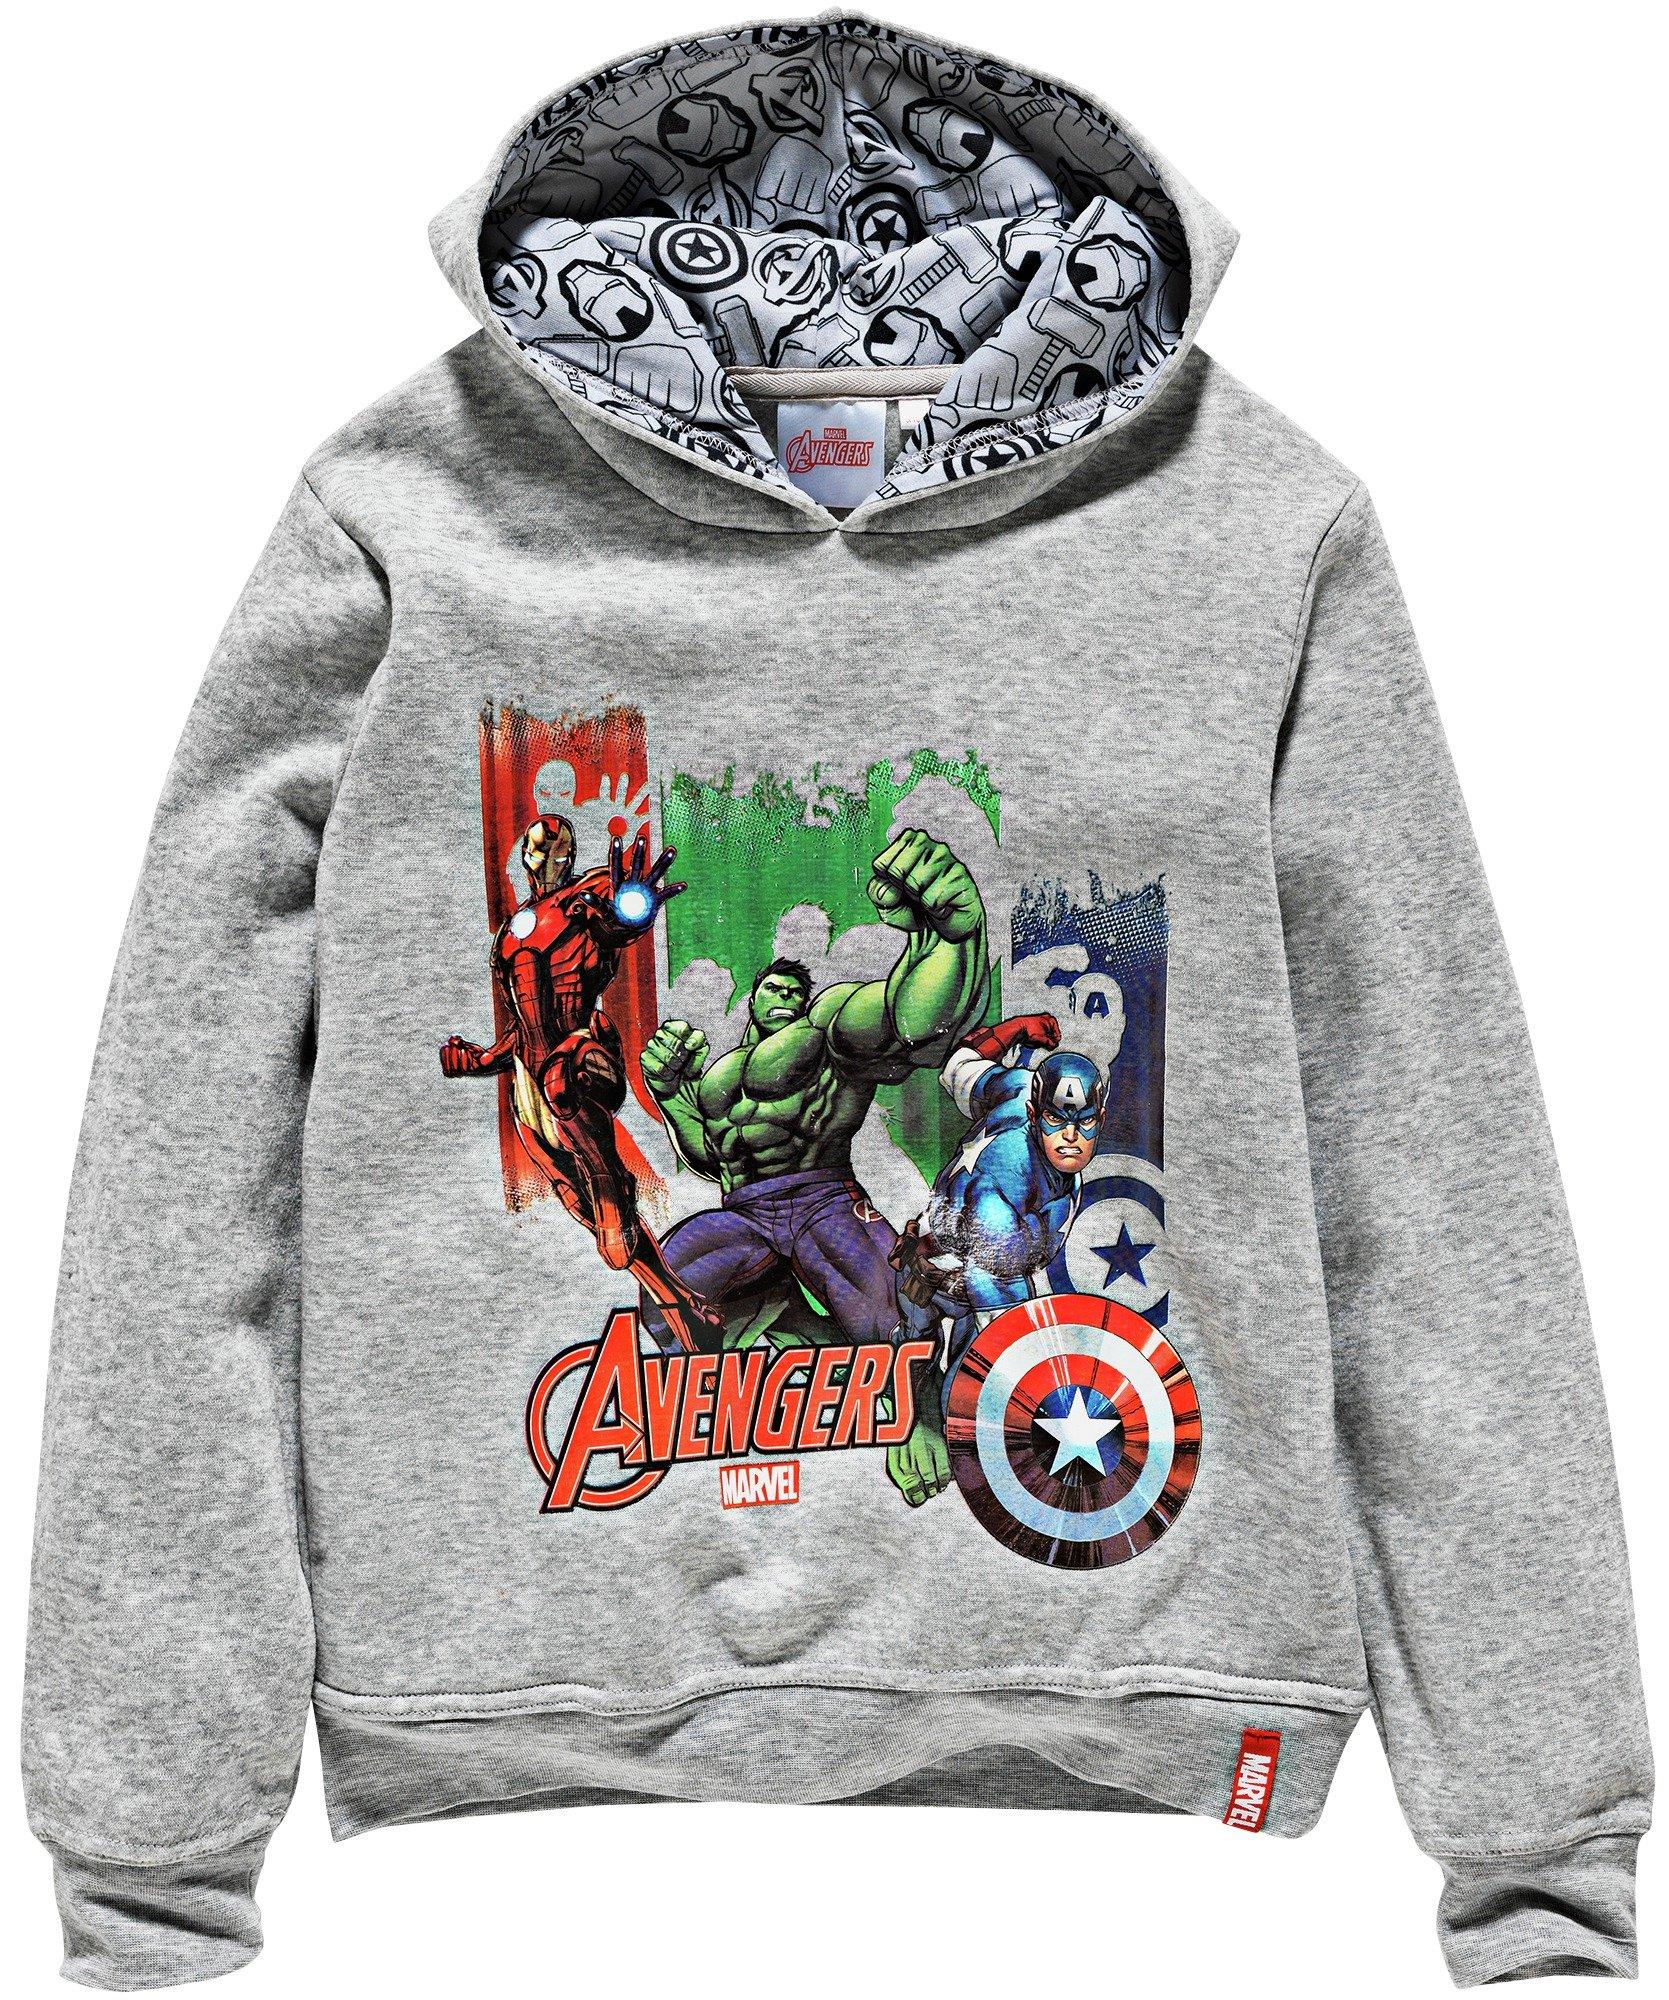 Image of Avengers Grey Hoodie - 7-8 Years